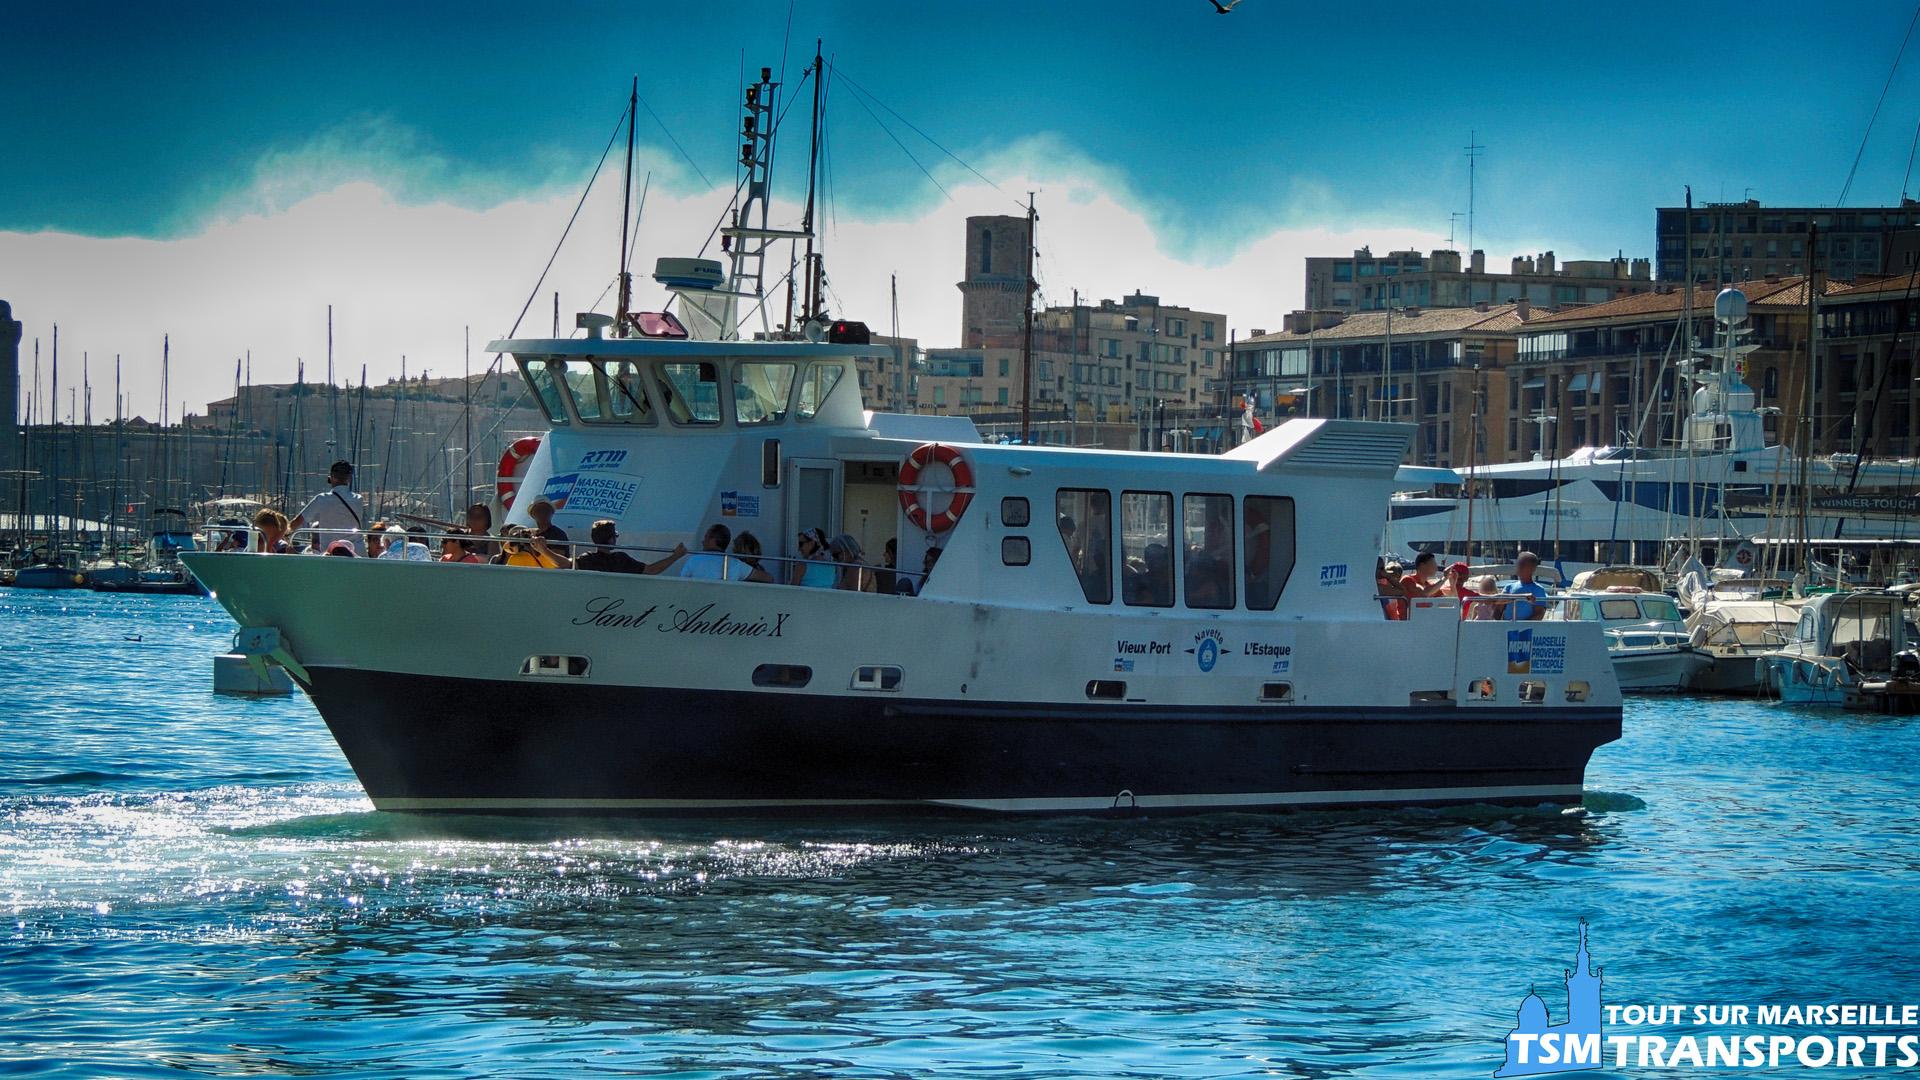 """Navette Maritime RTM  Vieux Port - L'Estaque """"Sant'Antonio X"""""""